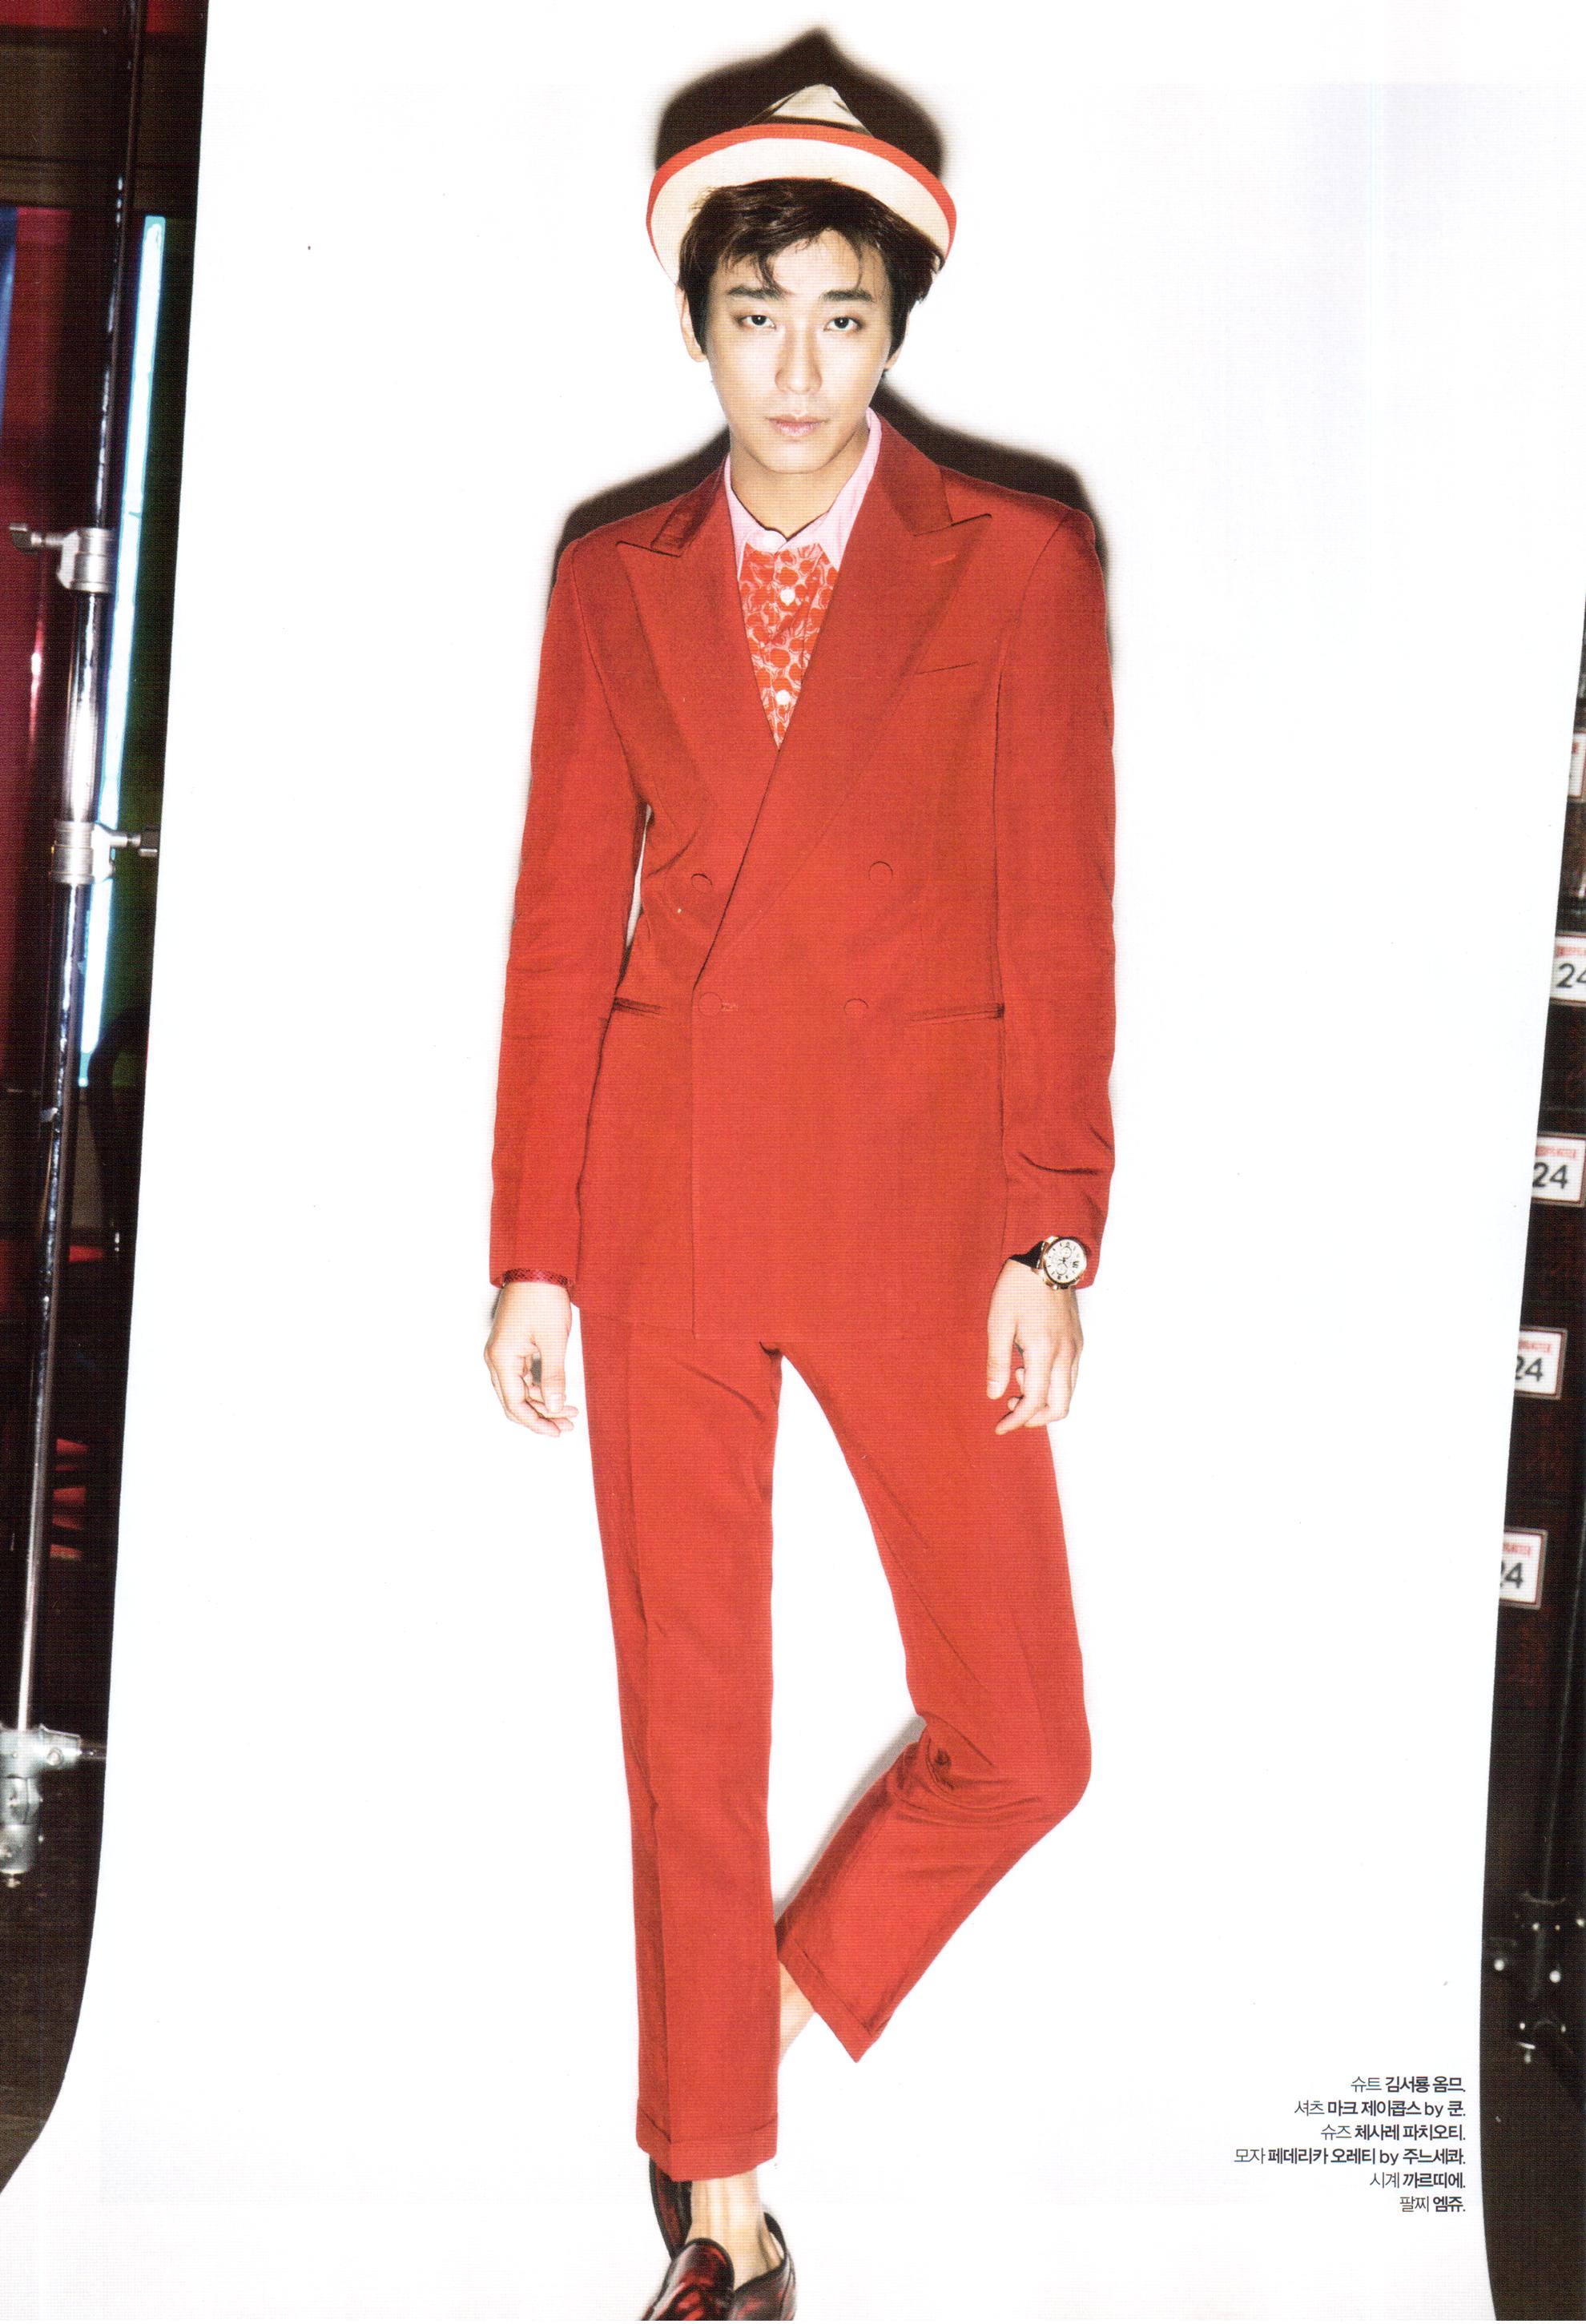 韓雜 Lofficiel Hommes Korea 5月號9